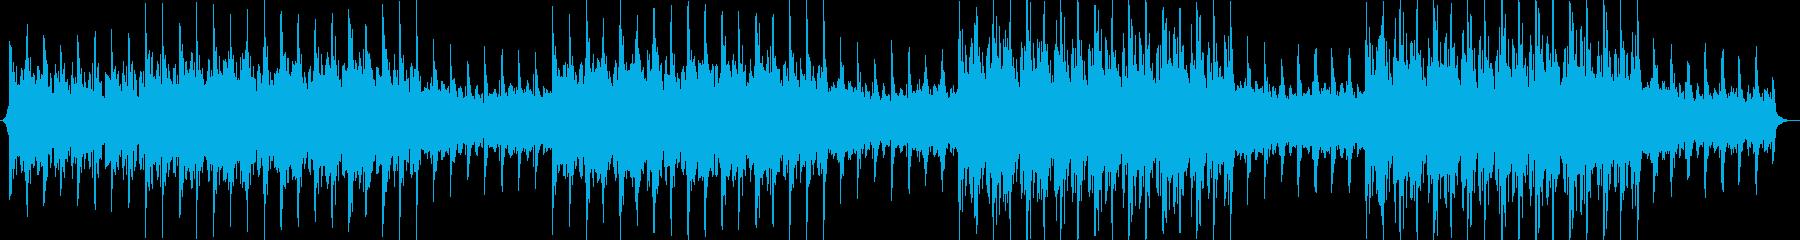 企業VP・感動的オーケストラエンディングの再生済みの波形